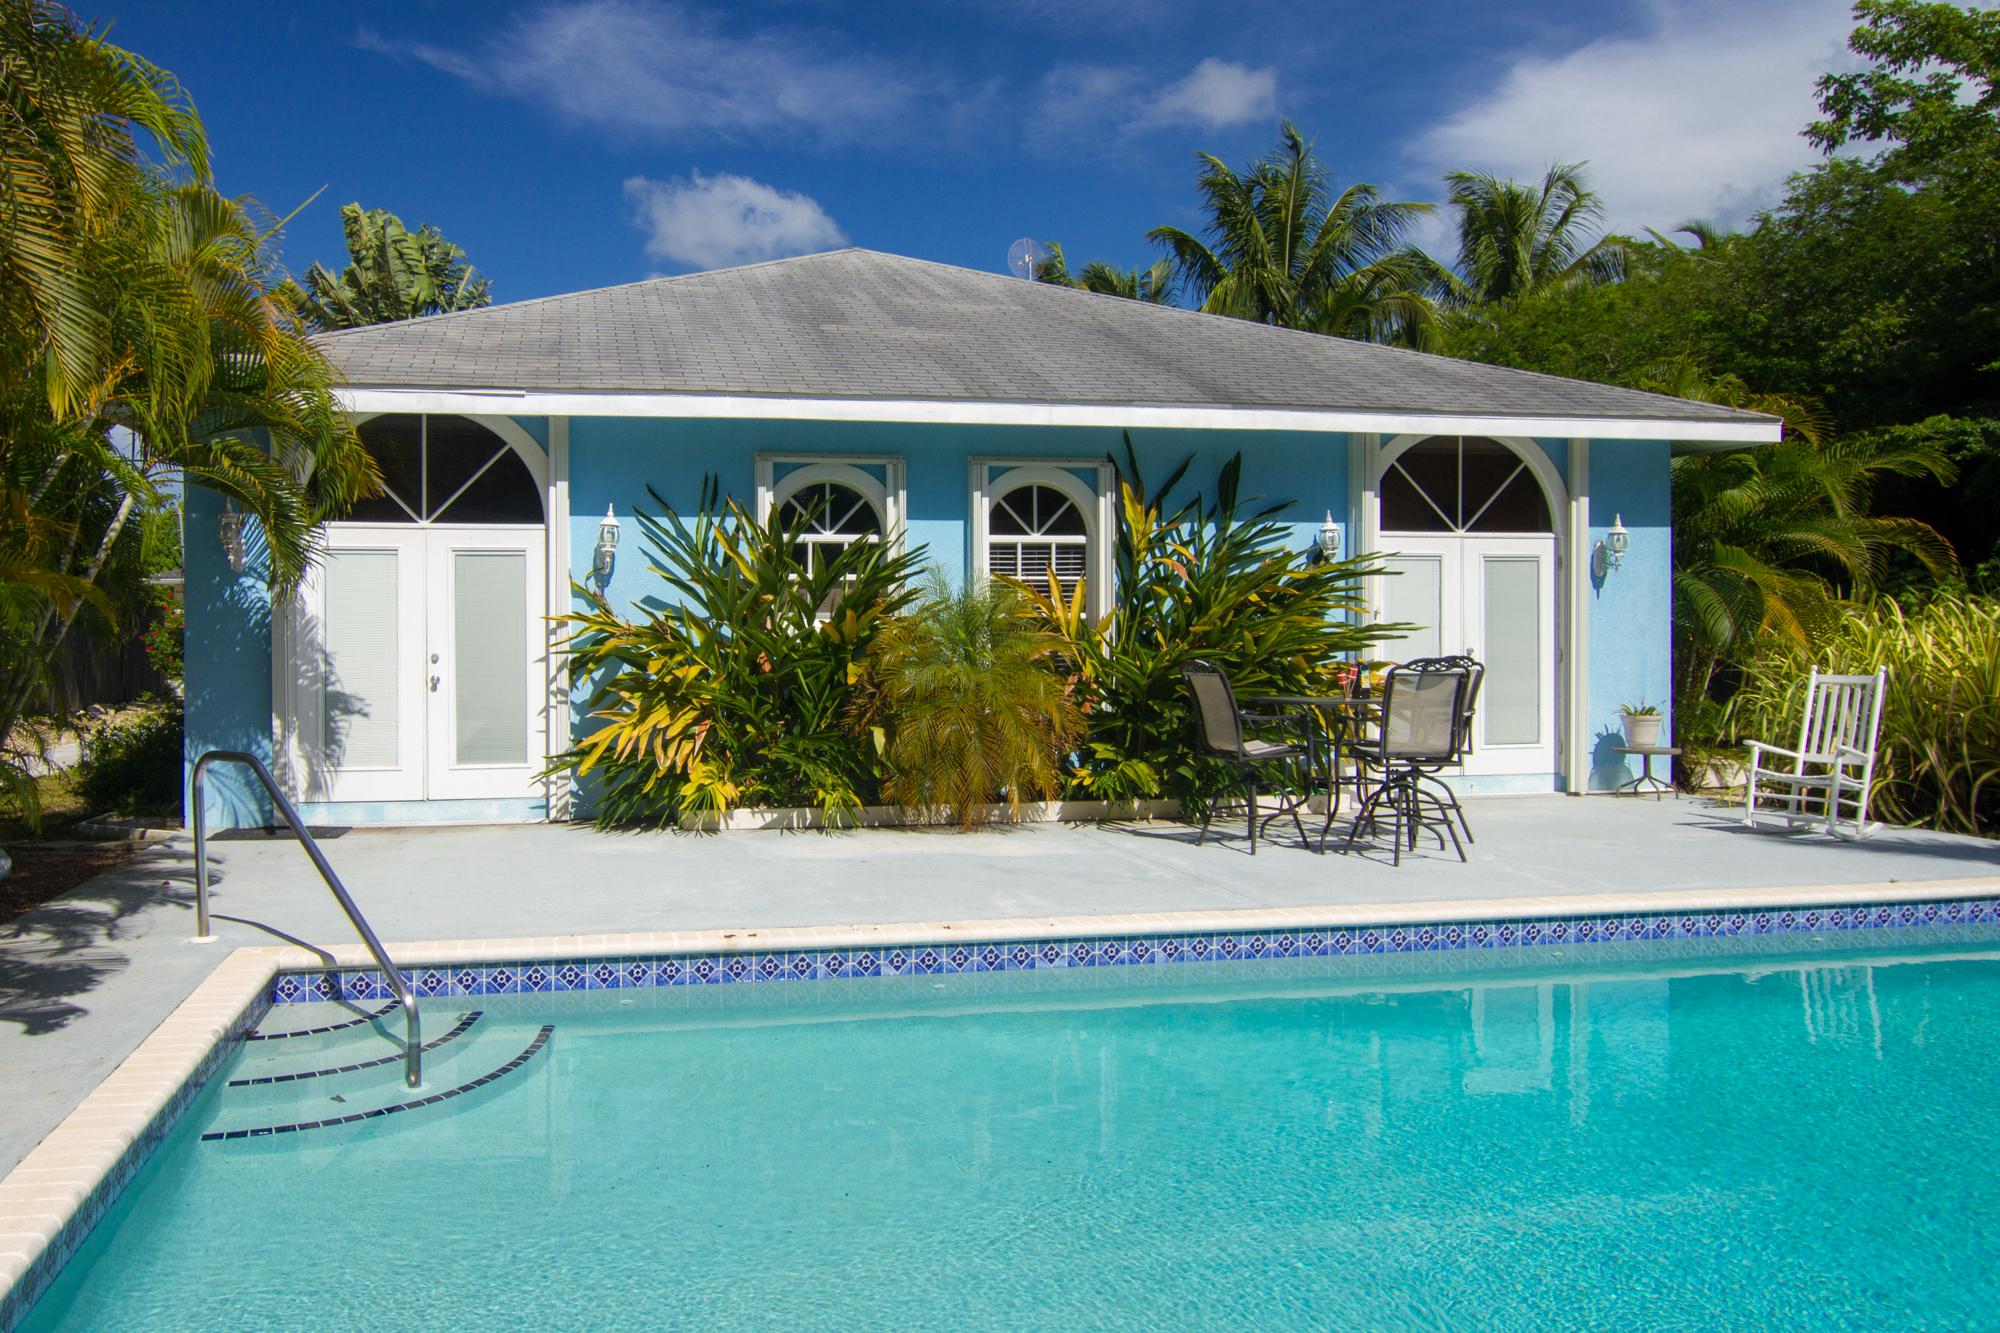 一戸建て のために 賃貸 アット Savannah rental home Candover St 69 Savannah, グランドケイマン, KY1 ケイマン諸島